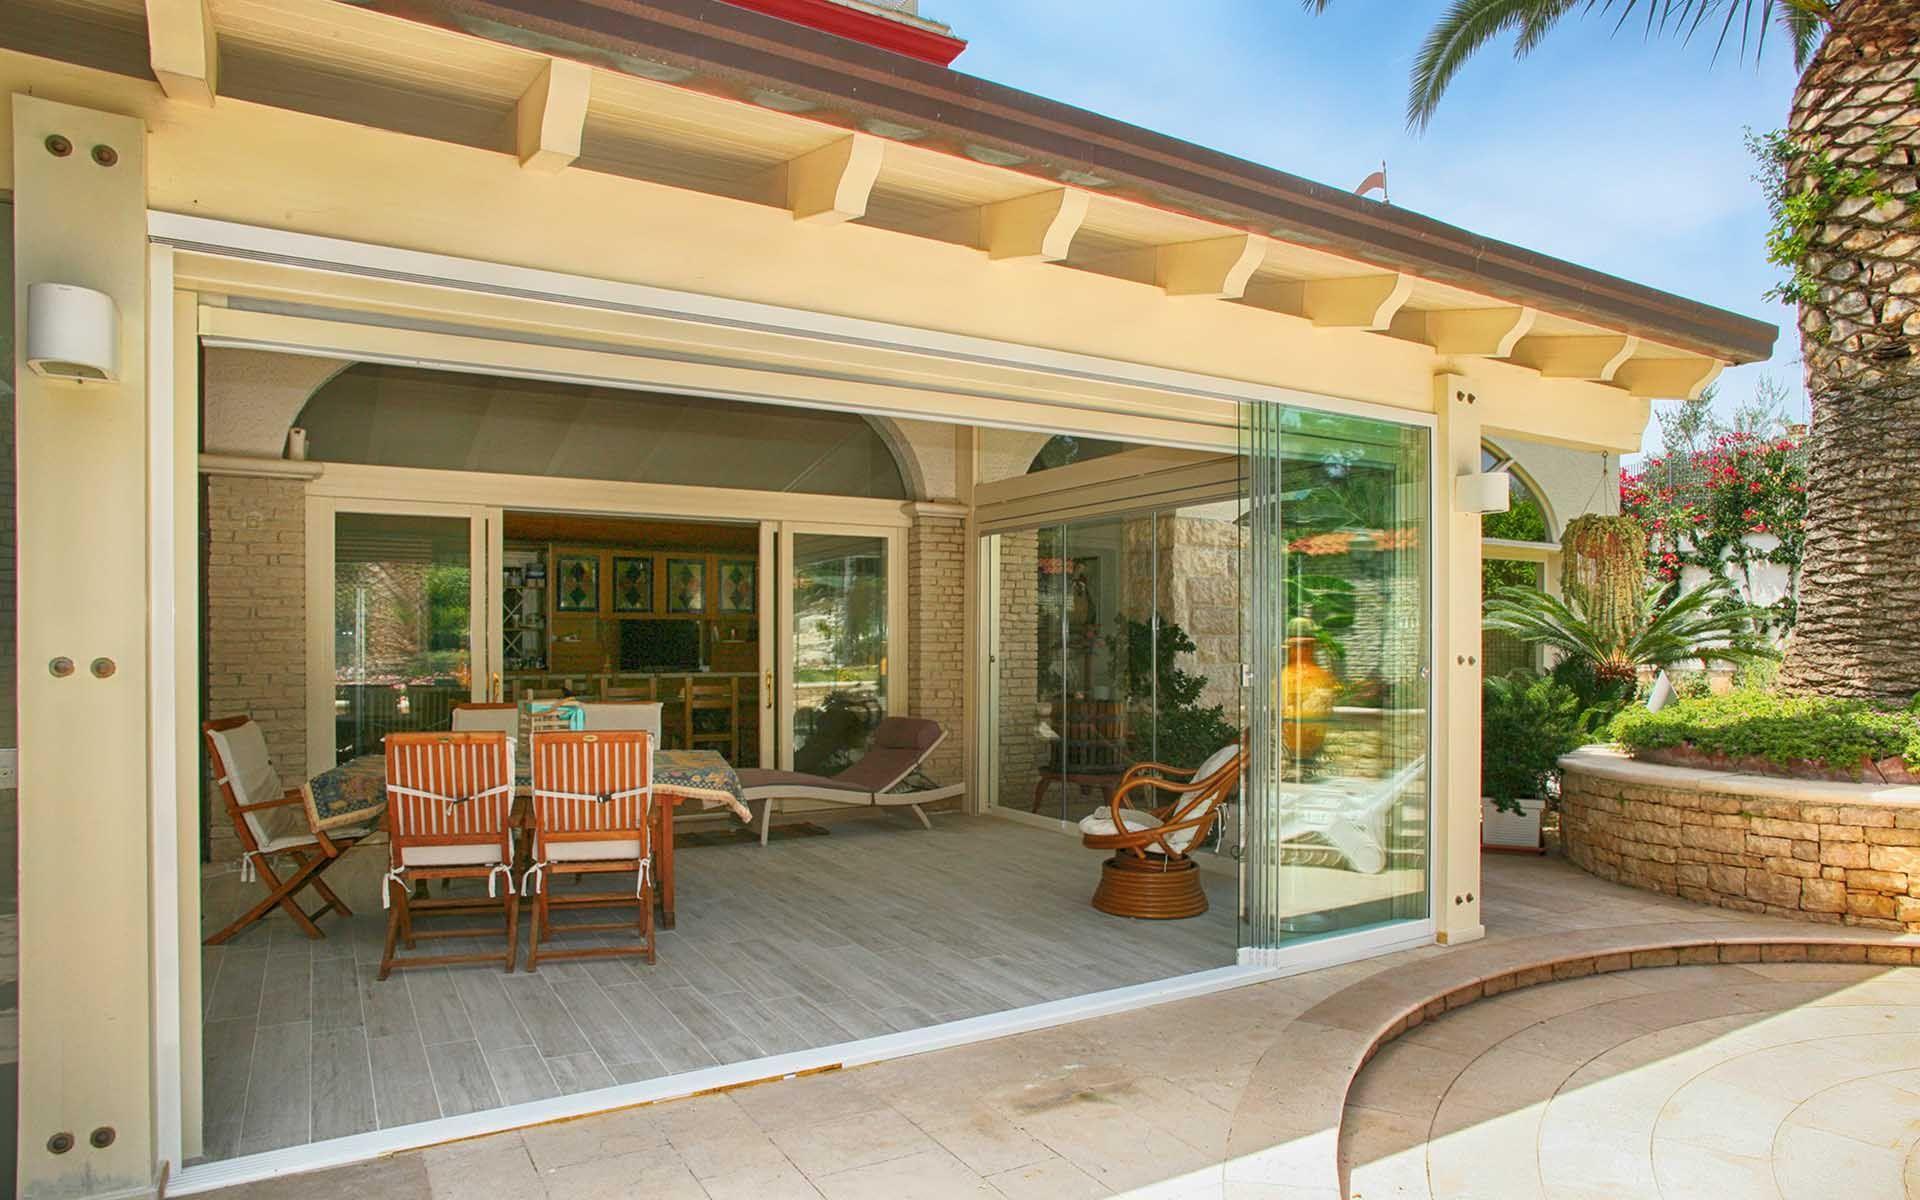 Coprire Terrazzo Con Veranda chiudere una veranda o balcone senza richiedere permessi